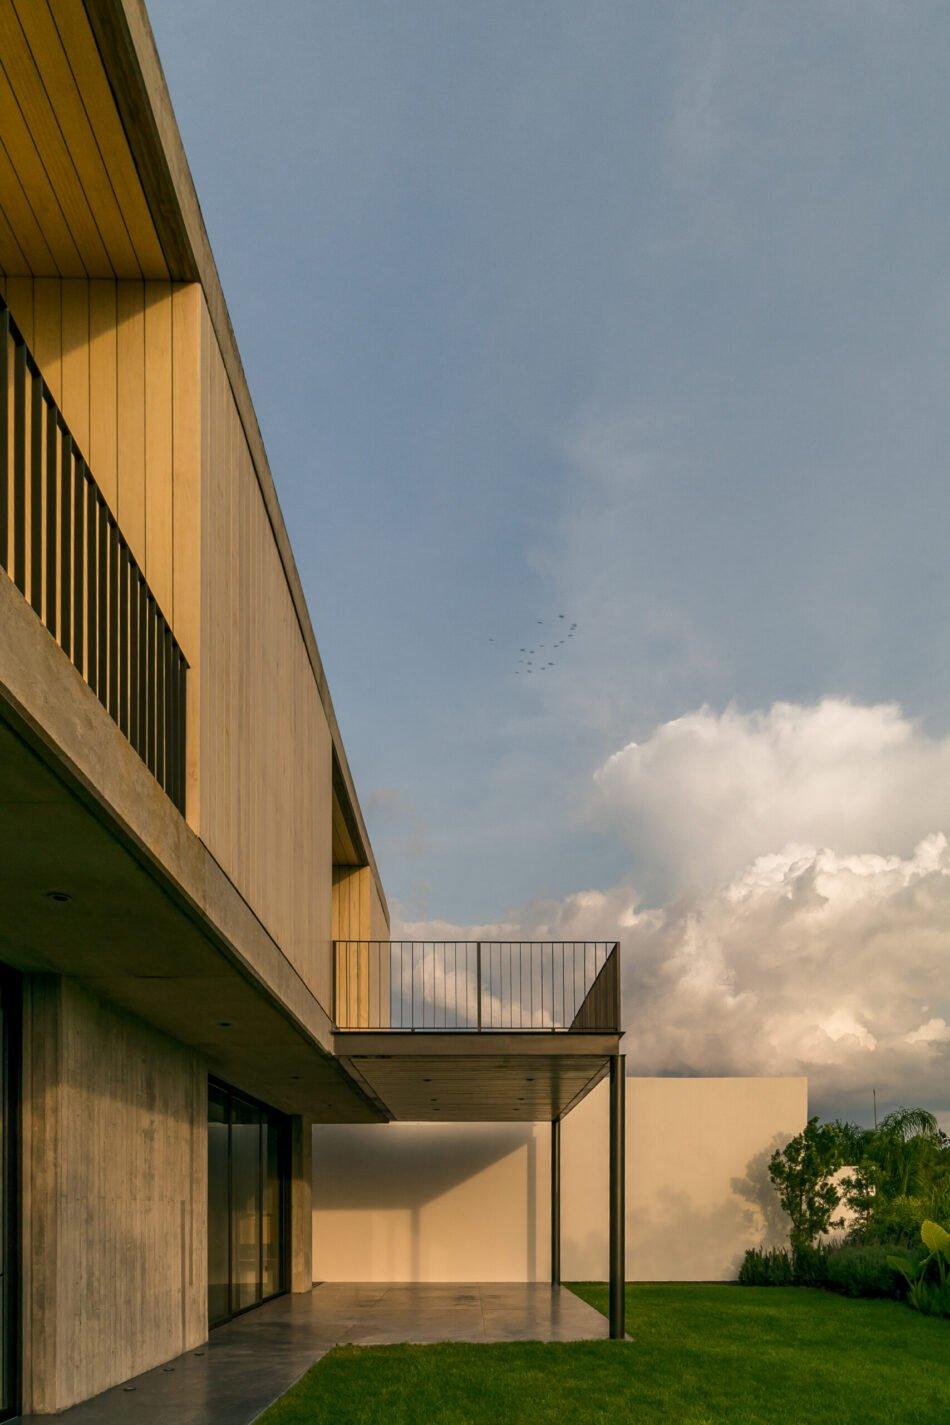 Energy-efficient home chooses an Accoya façade for added sun protection